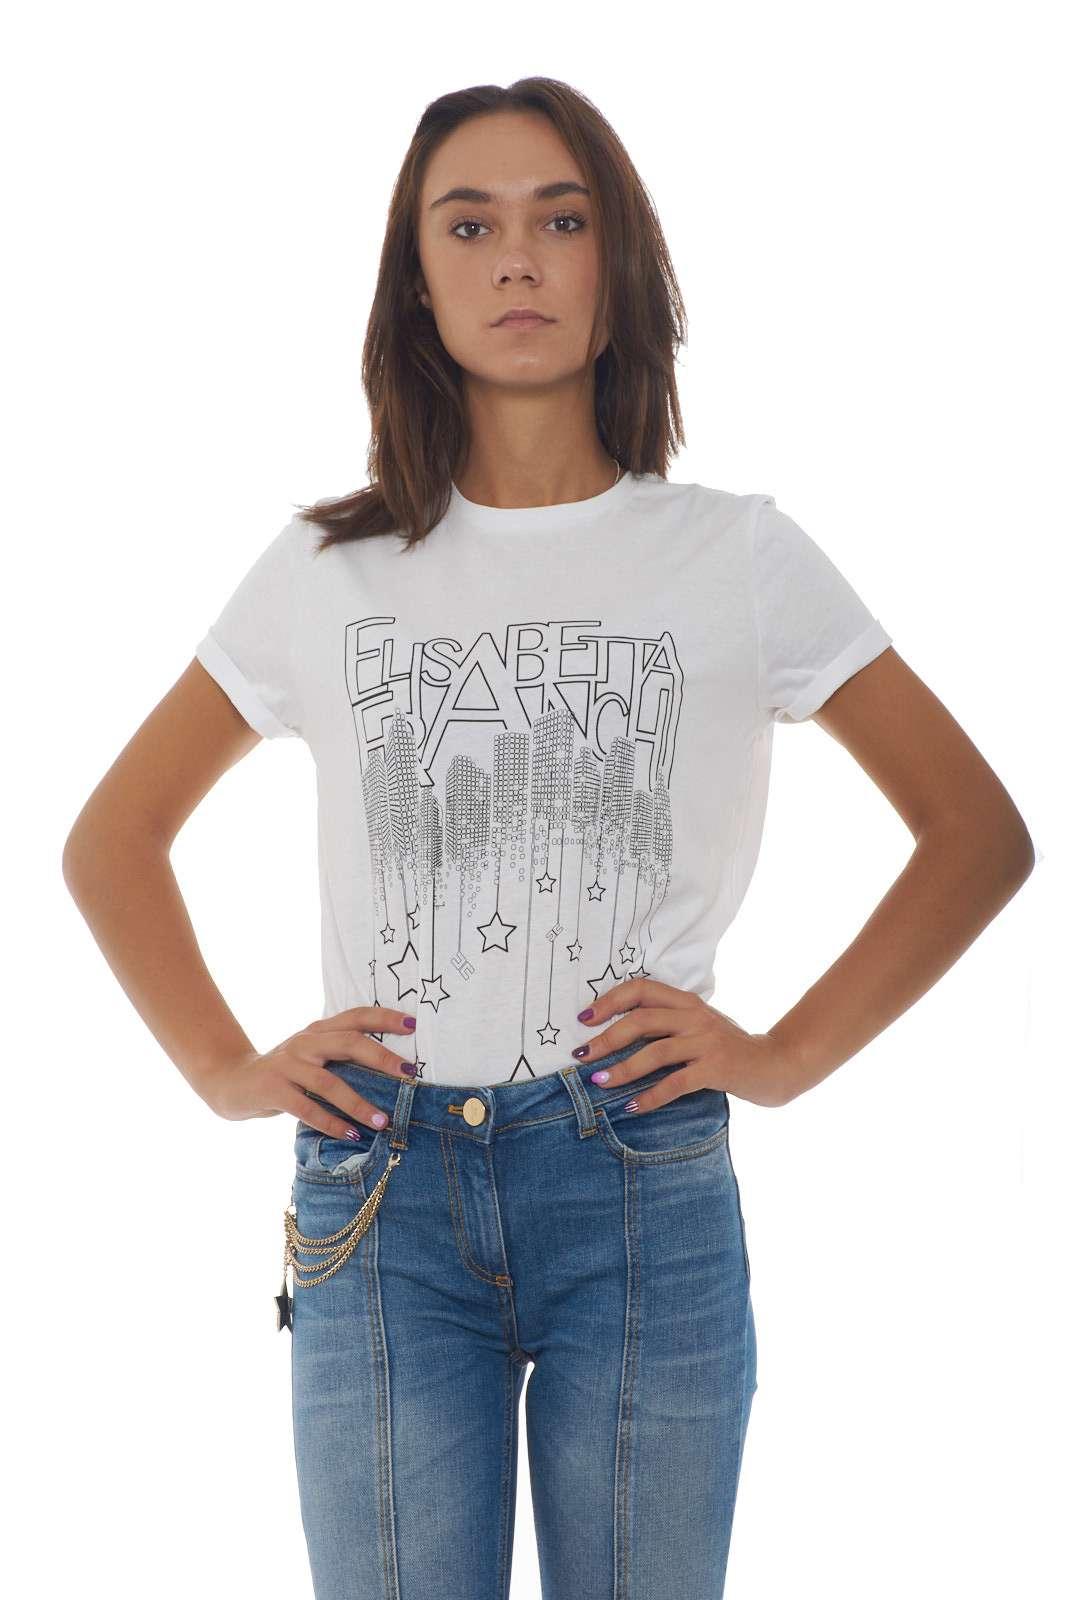 https://www.parmax.com/media/catalog/product/a/i/AI-outlet_parmax-t-shirt-donna-Elisabetta-Franchi-MA13896E2-A_1.jpg